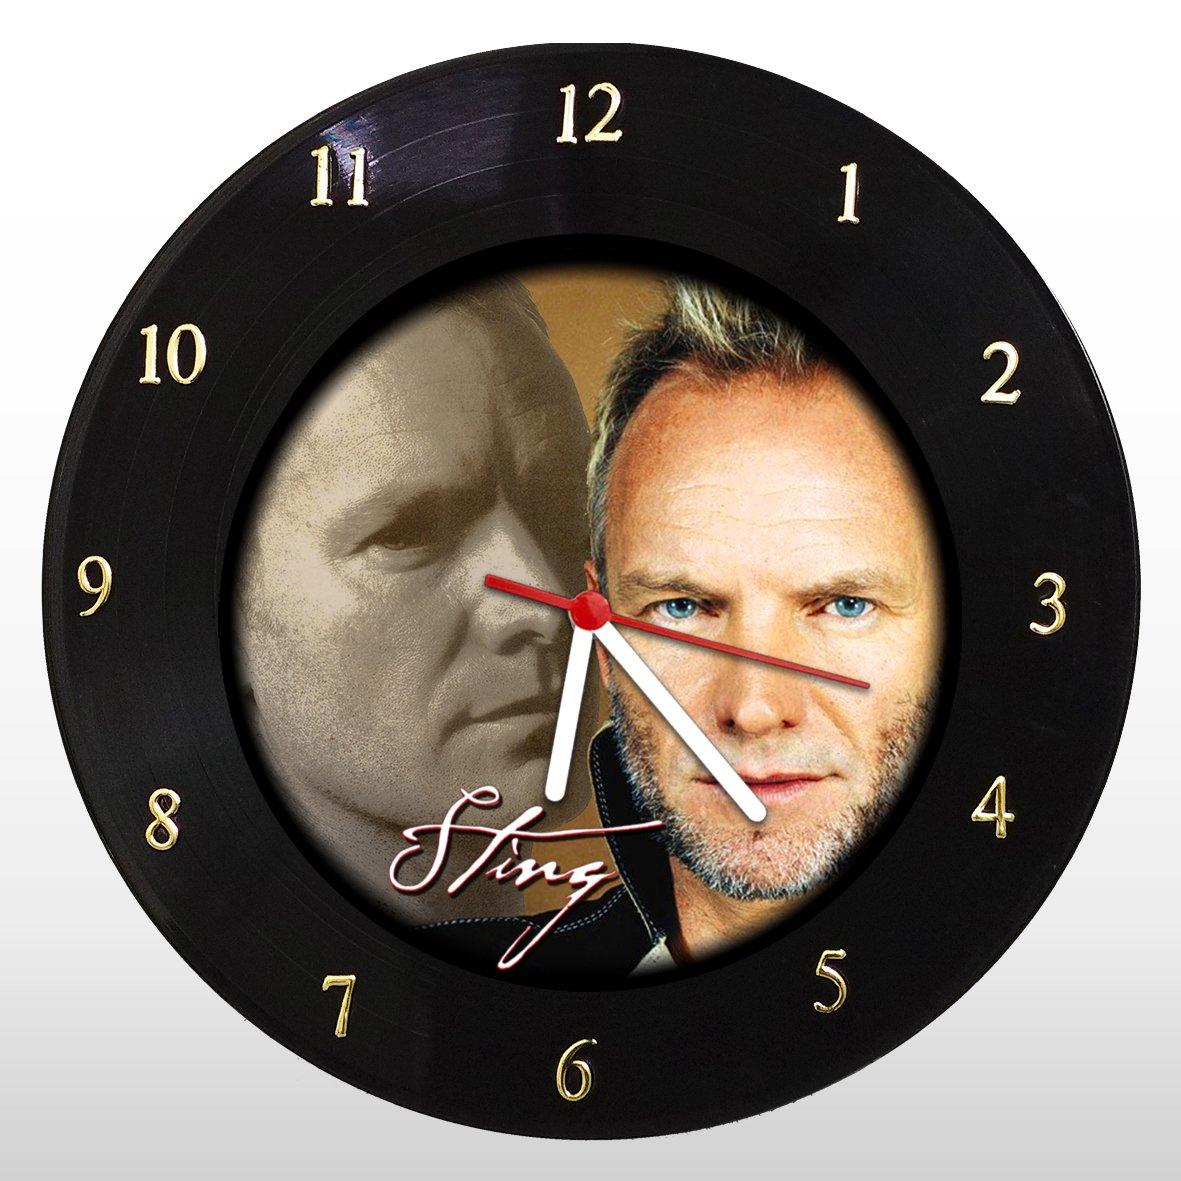 Relógio de Parede em Disco de Vinil Sting - Mr. Rock